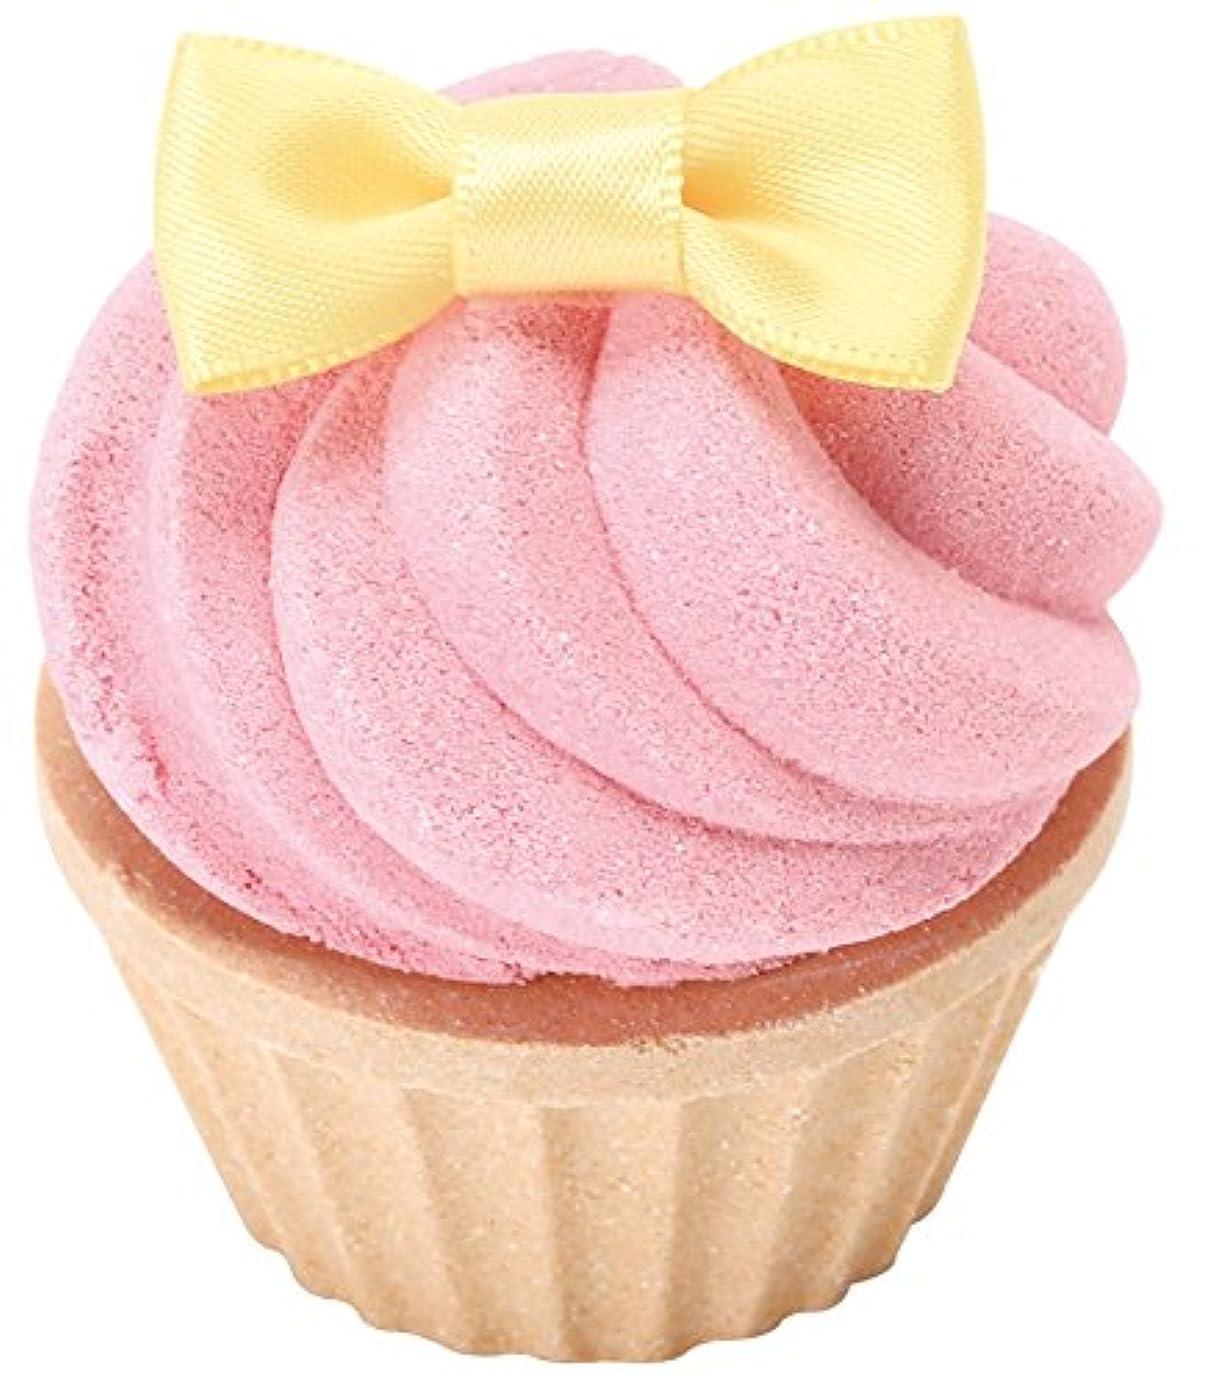 圧縮と組むすりノルコーポレーション お風呂用 芳香剤 おめかしカップケーキフィズ 60g ラズベリーの香り OB-SMM-14-1